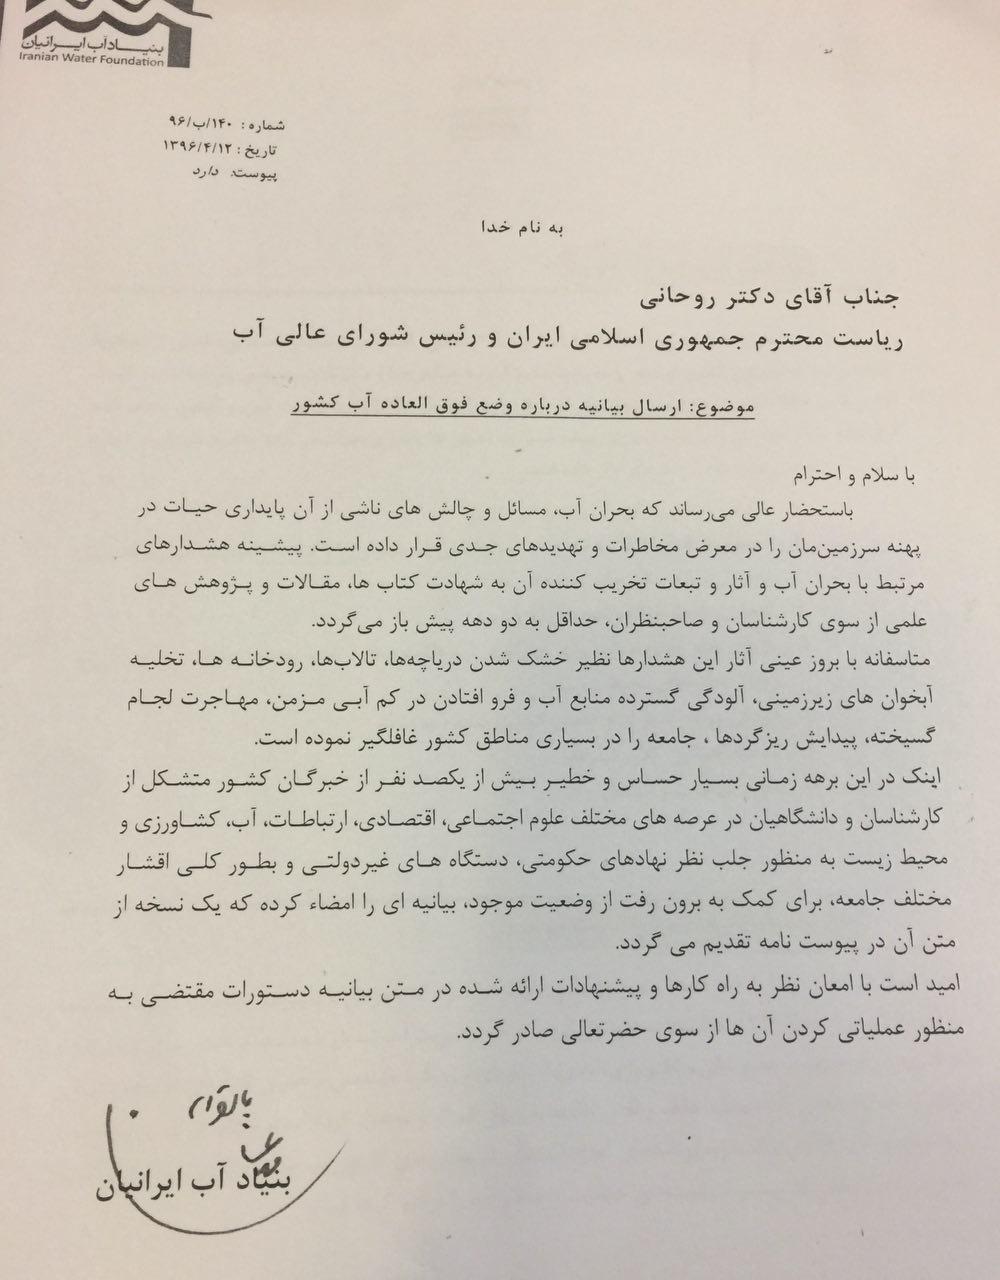 عکس 17-7-8-125037۱۳۹۶-۰۴-۱۷%20۱۲.۵۴.۳۰ نامهای سرگشاده به رییس جمهور در مورد وضع فوق العاده آب در ایران